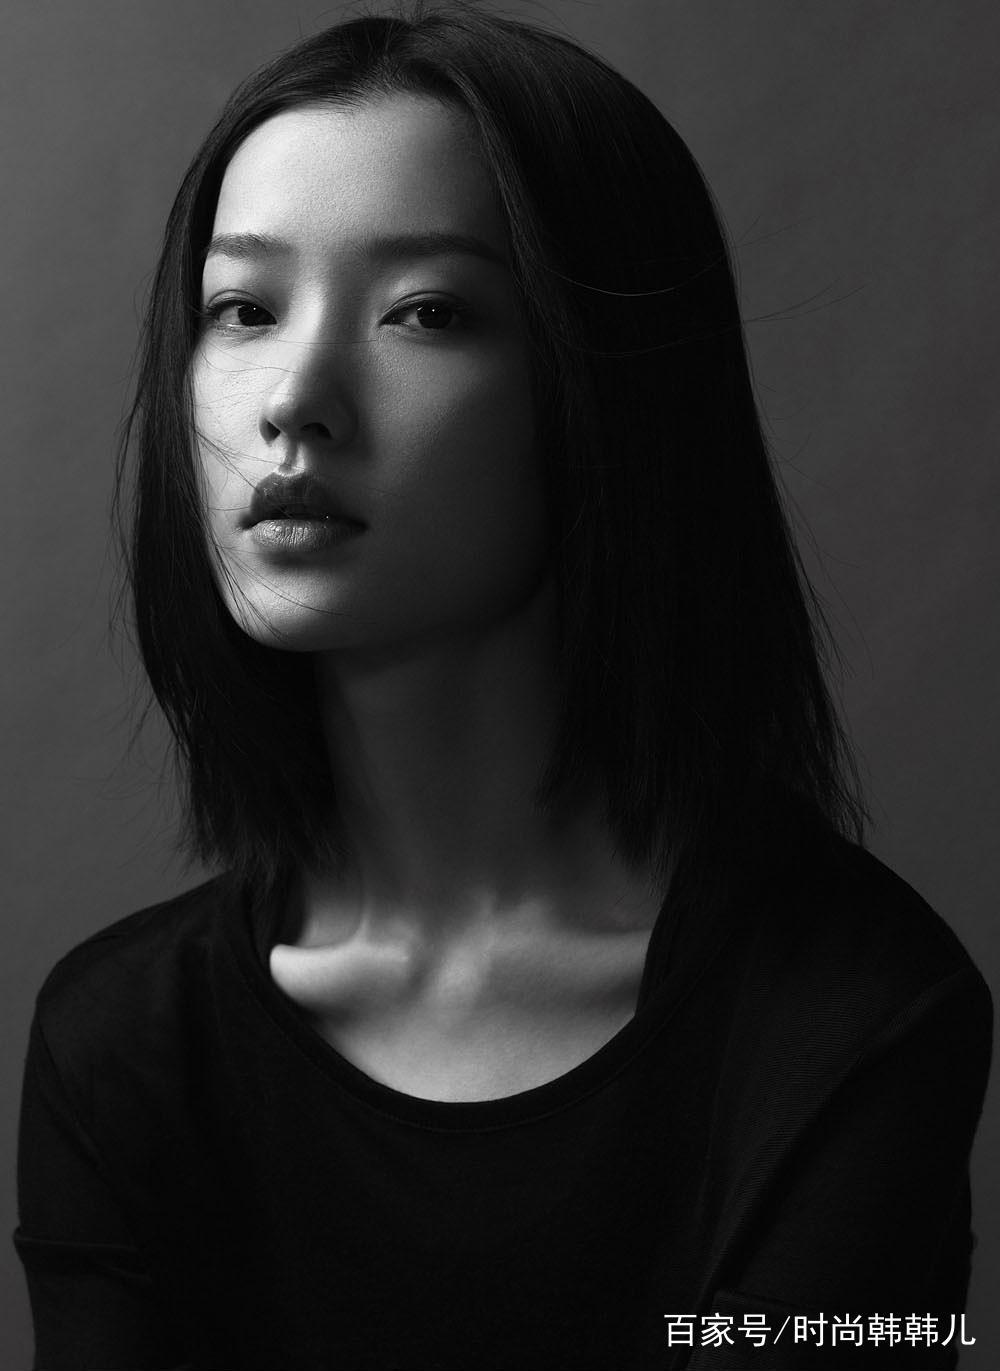 杜鹃,模特,演员,有传统的东方美态,知性优雅,似不食人间烟火,总有一种